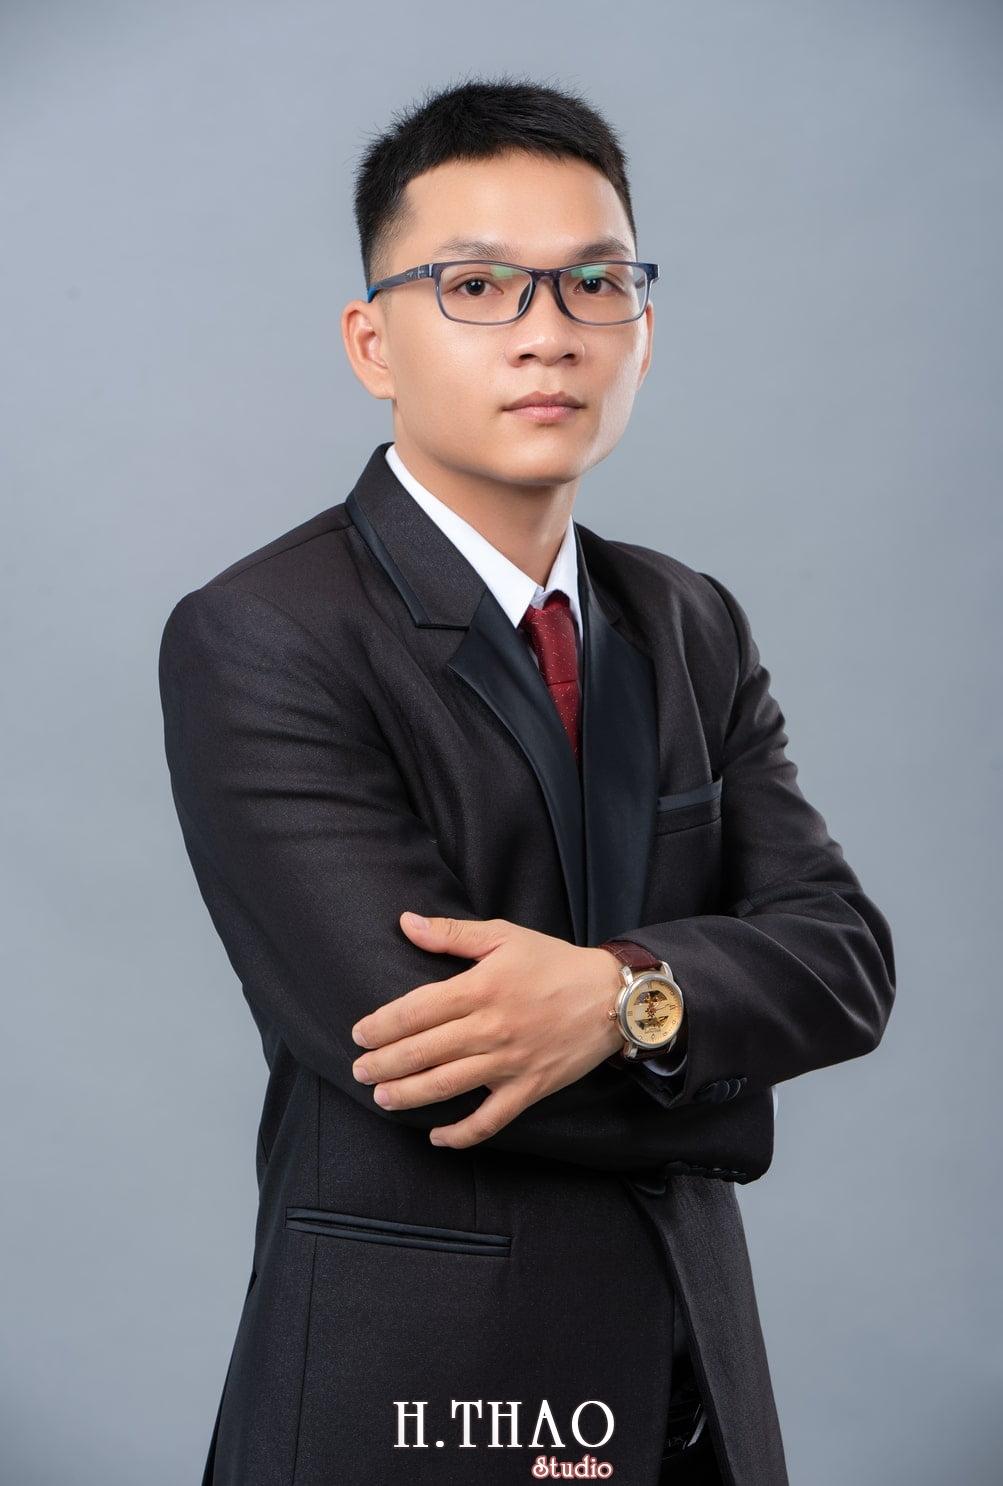 Profile wefinex 2 - Tổng hợp ảnh profile nghề nghiệp Tháng 3 - HThao Studio